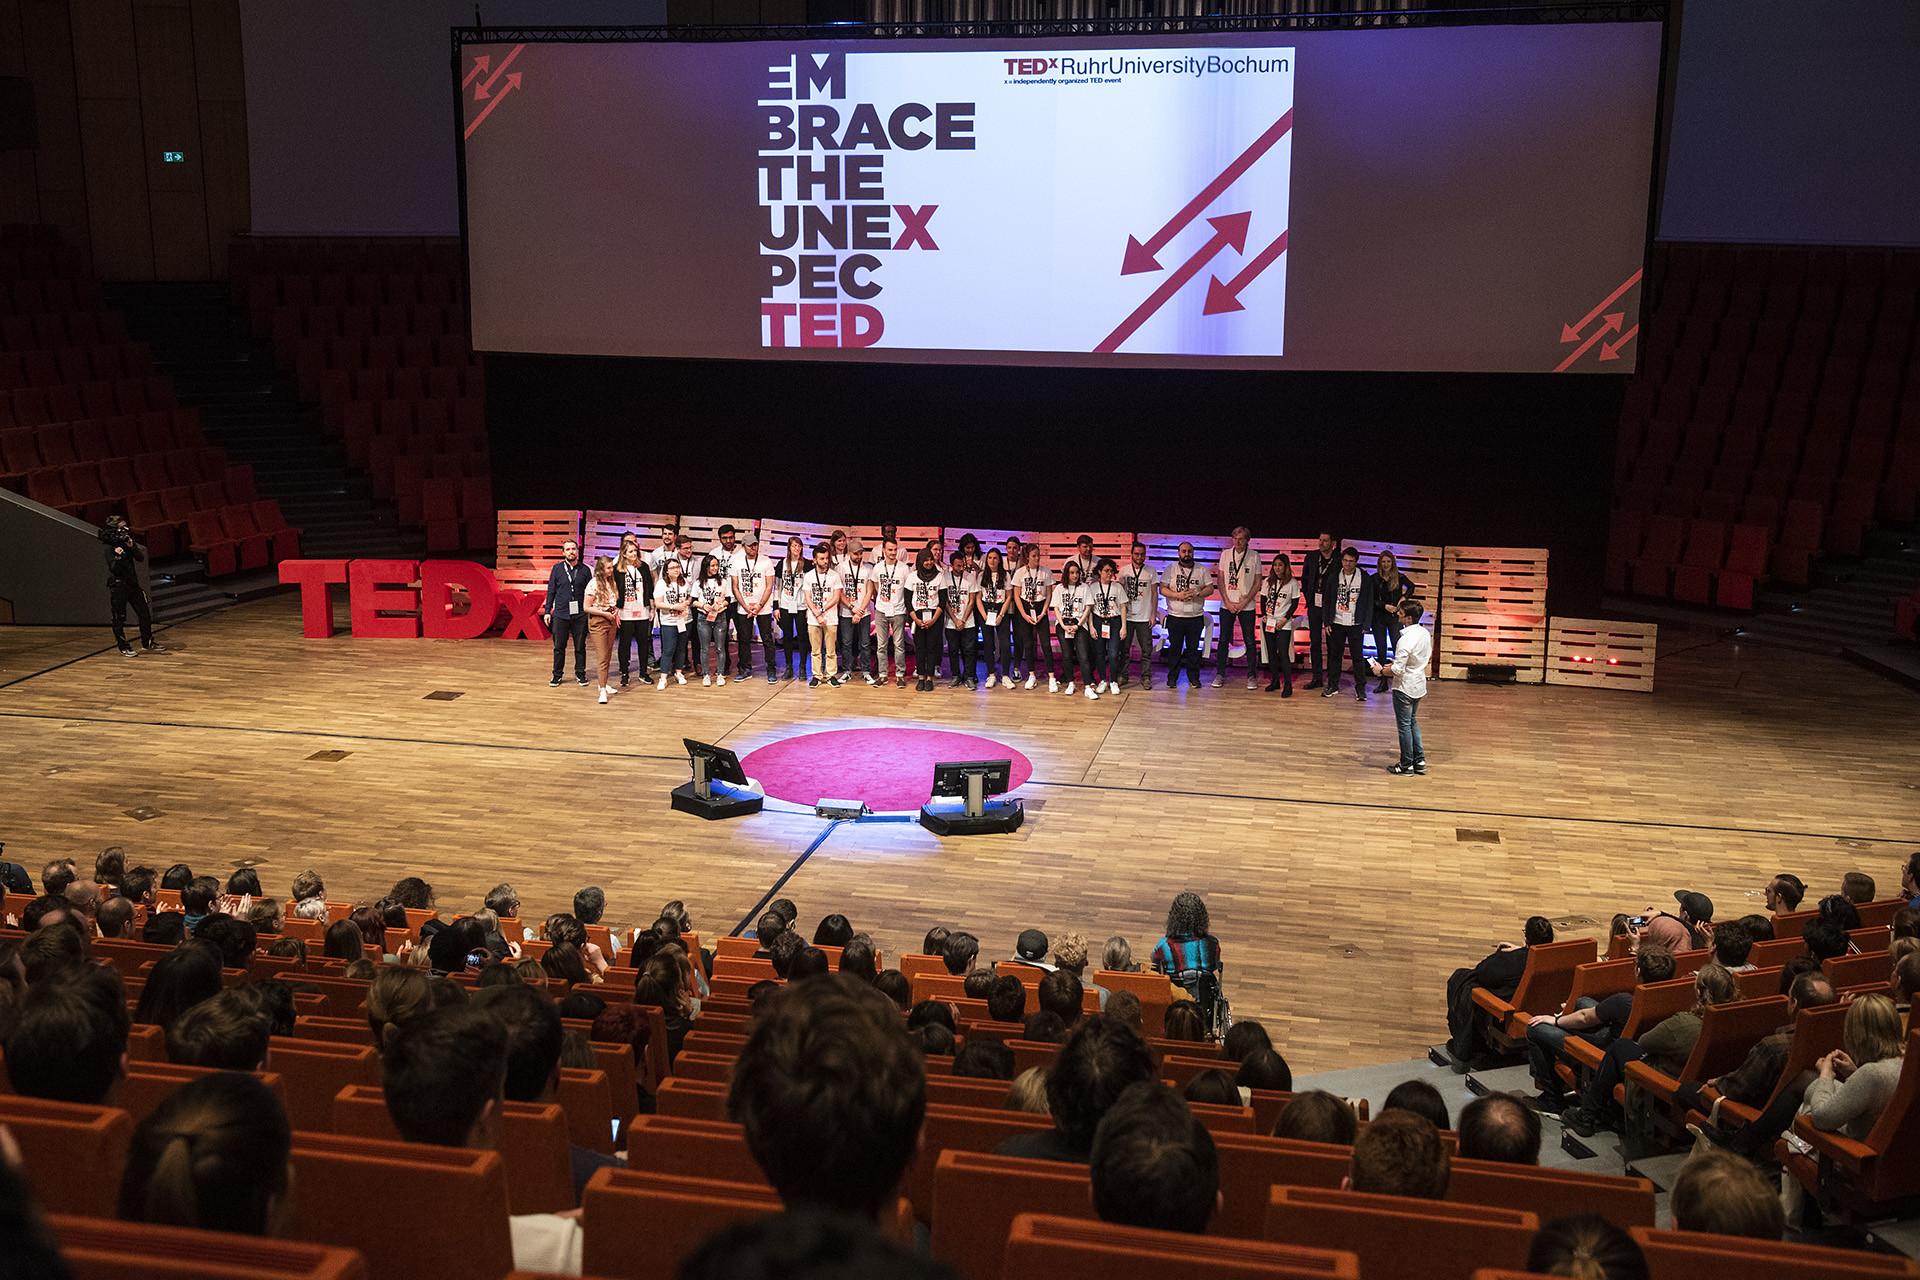 BZ: TEDx Ruhr University Bochum Ruhr Universität Bochum am 04.05.2019rnrnFoto: Arne Pöhnertrnmail@arnepoehnert.dern0178/1866645